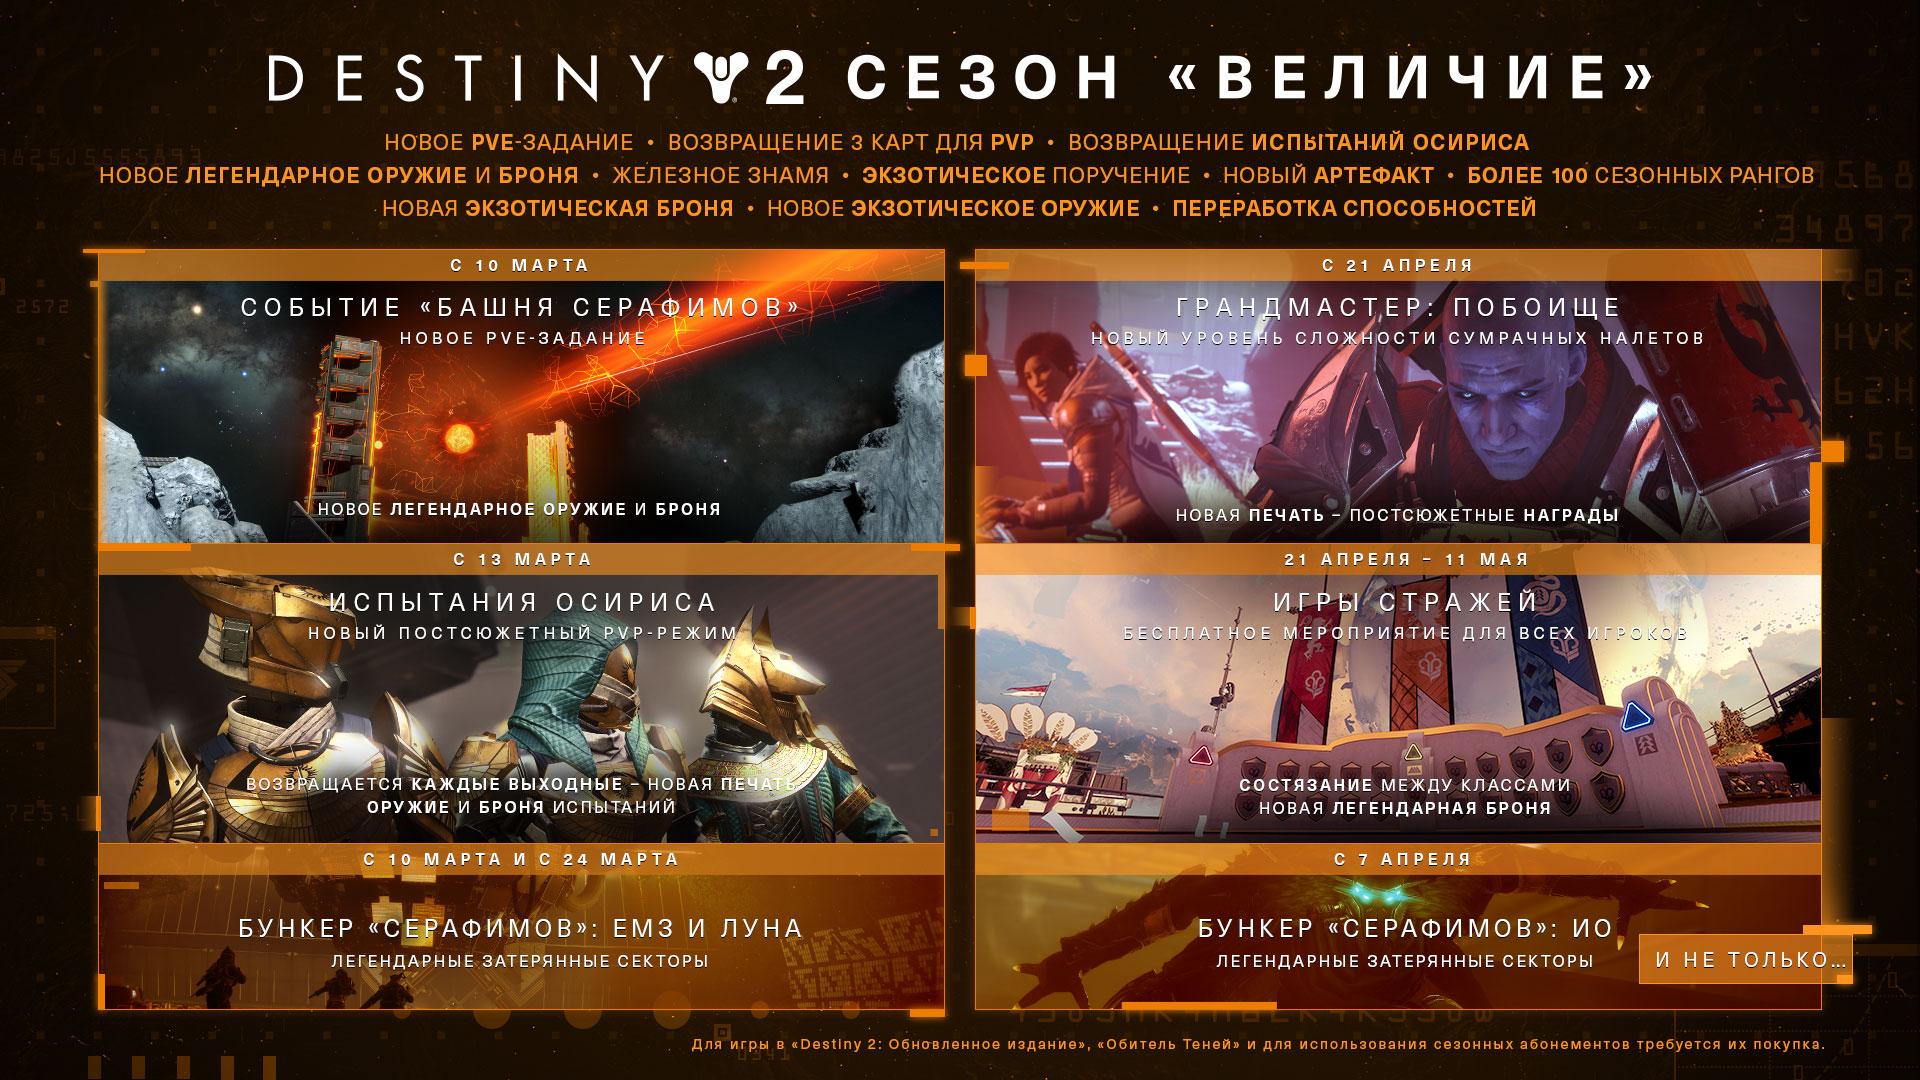 Destiny 2 — Приближается сезон «Величие»